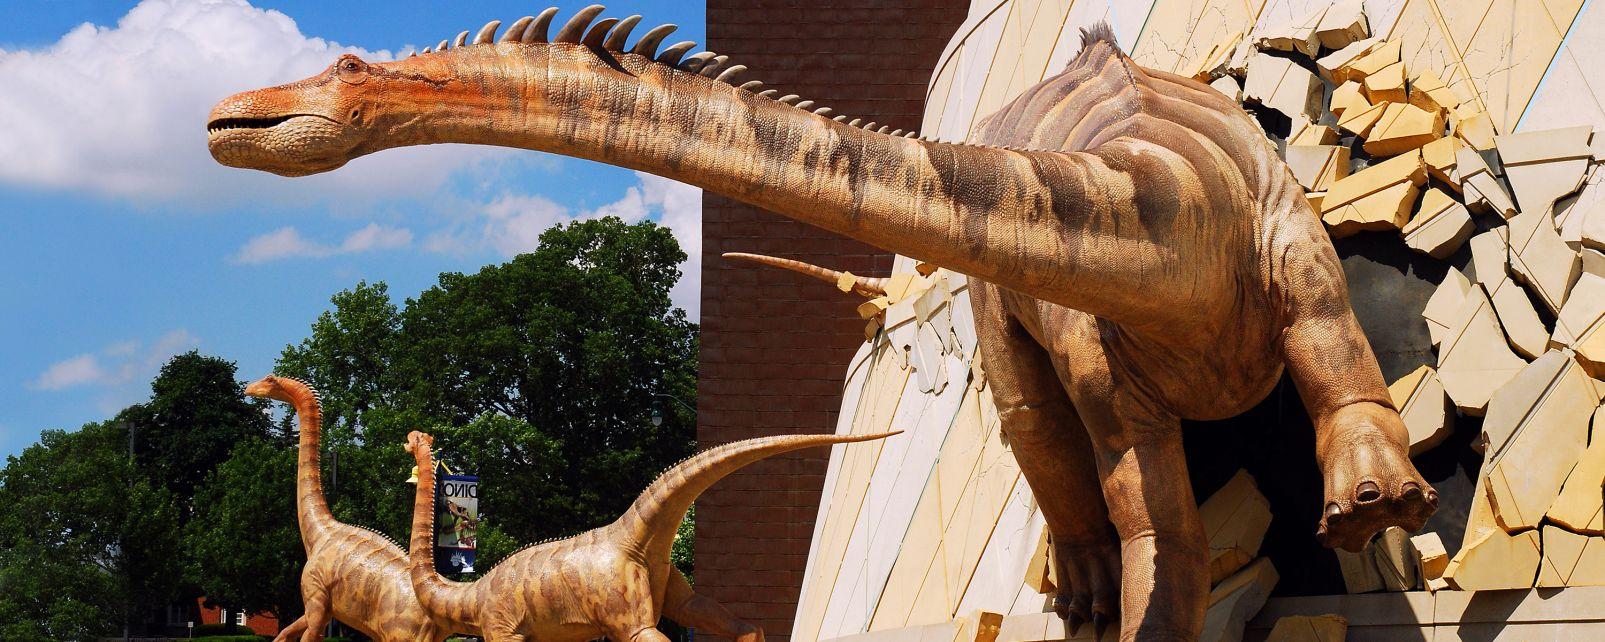 Les musées, midwest, amérique, états-unis: USA, musée, enfants, dinosaure, exposition, culture